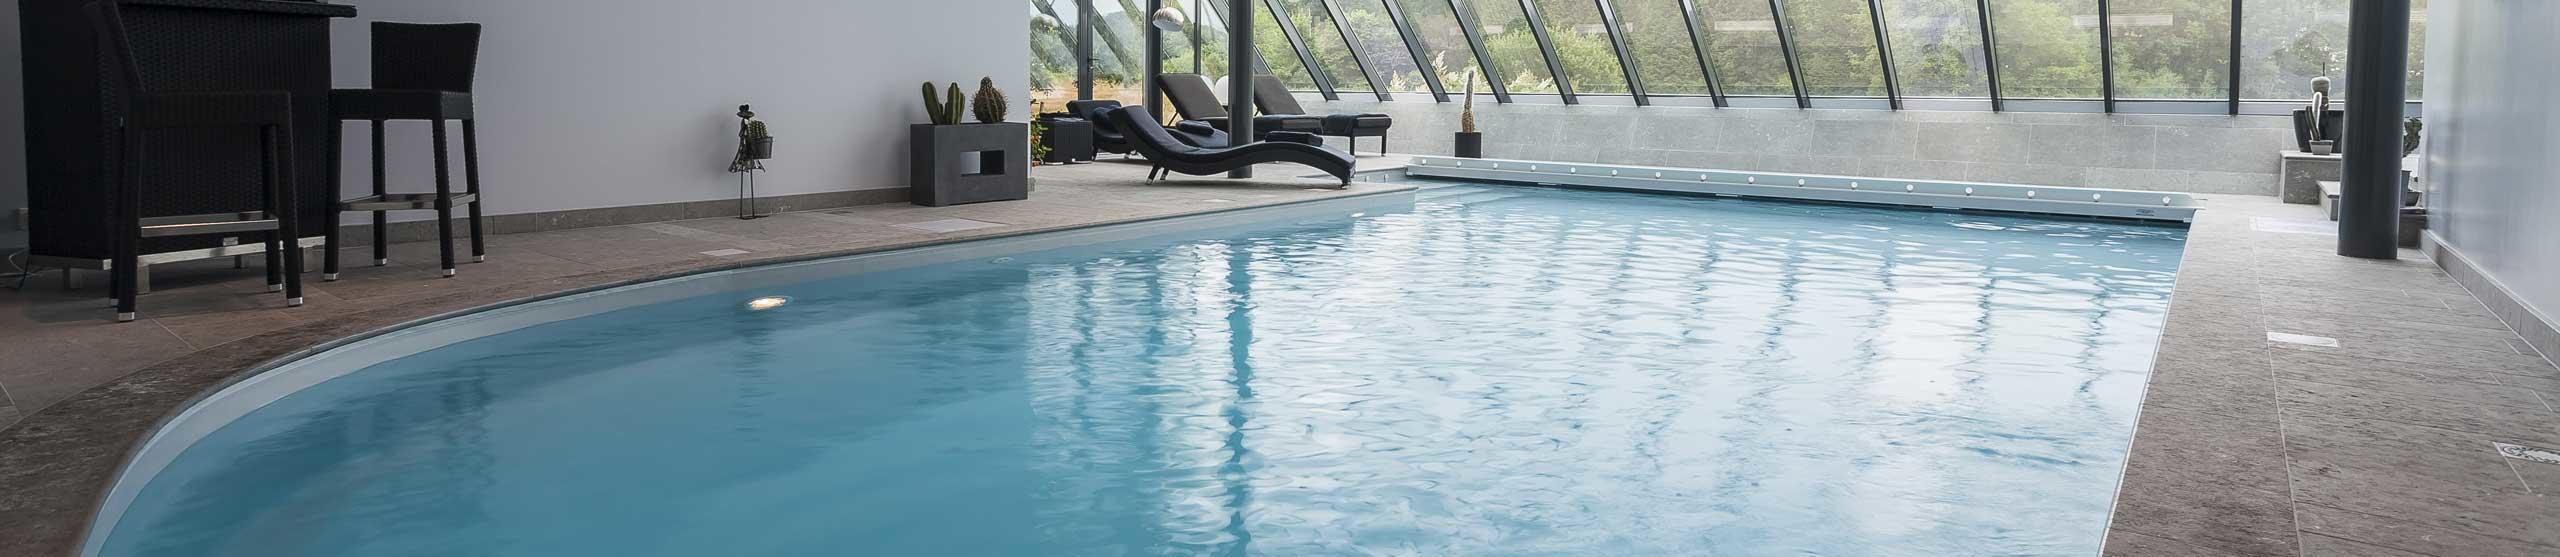 Tunisie Piscines | Swimming Pools Magiline pour Piscine Andrezieux